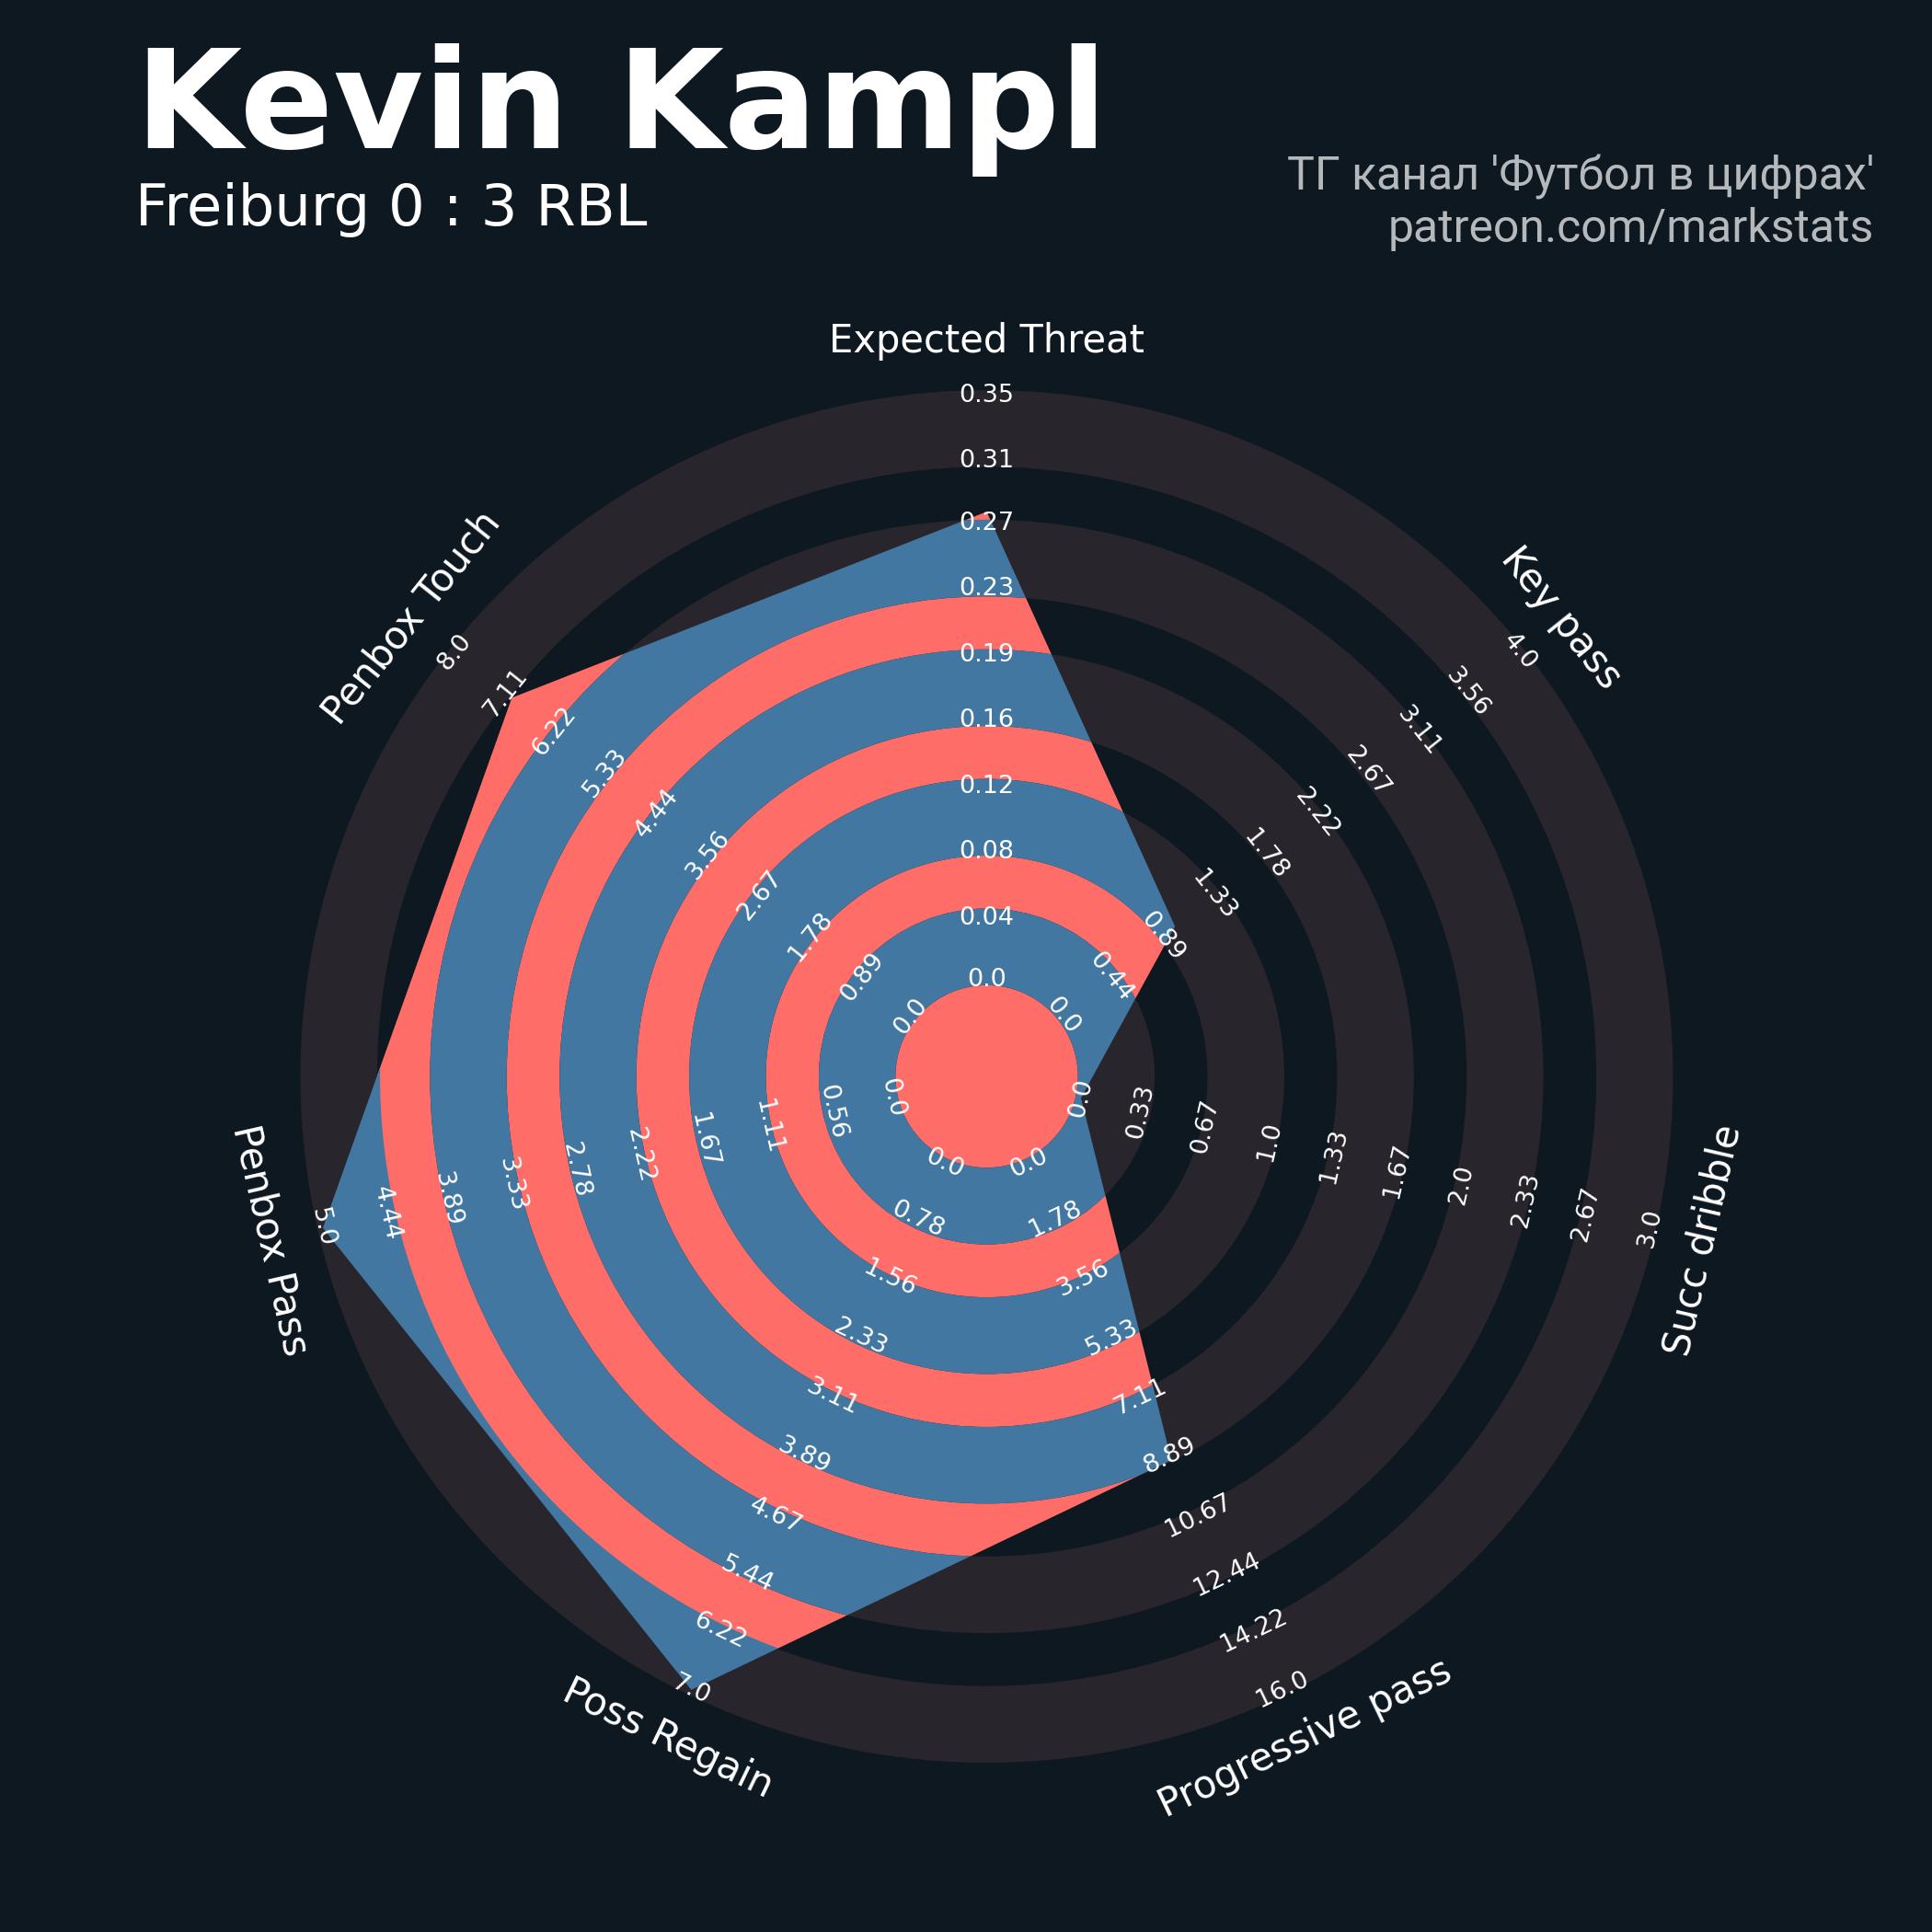 Кевин Кампль был в финалах кубка и с «Лейпцигом», и с «Дортмундом». У Нагельсманна он стал системообразующим игроком